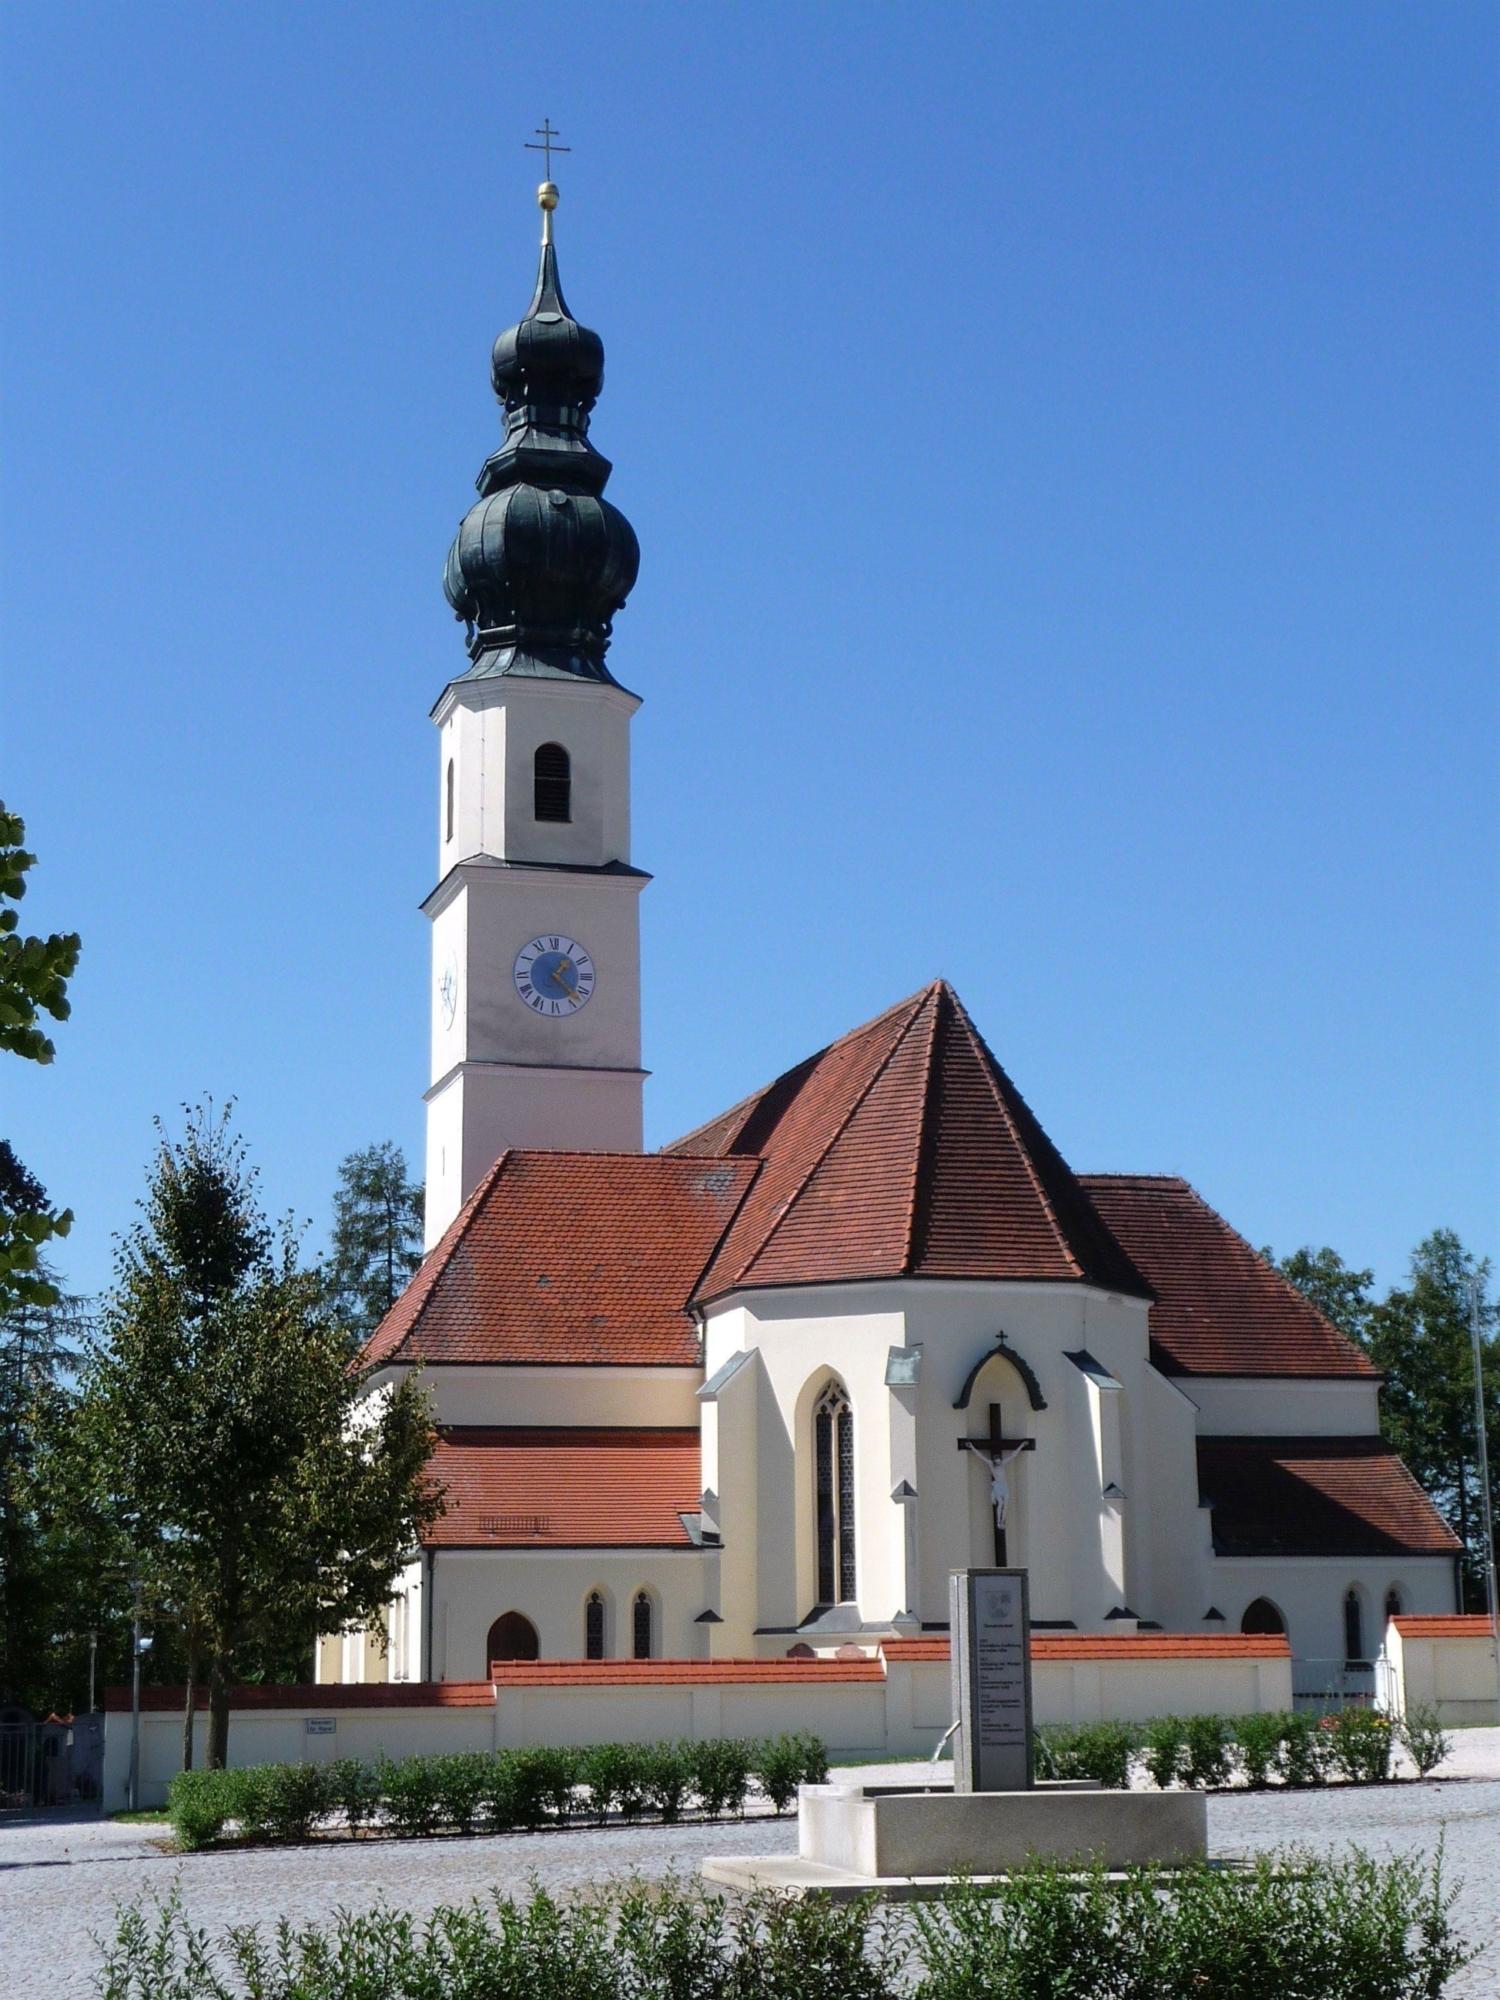 Pfarrkirche Kastl